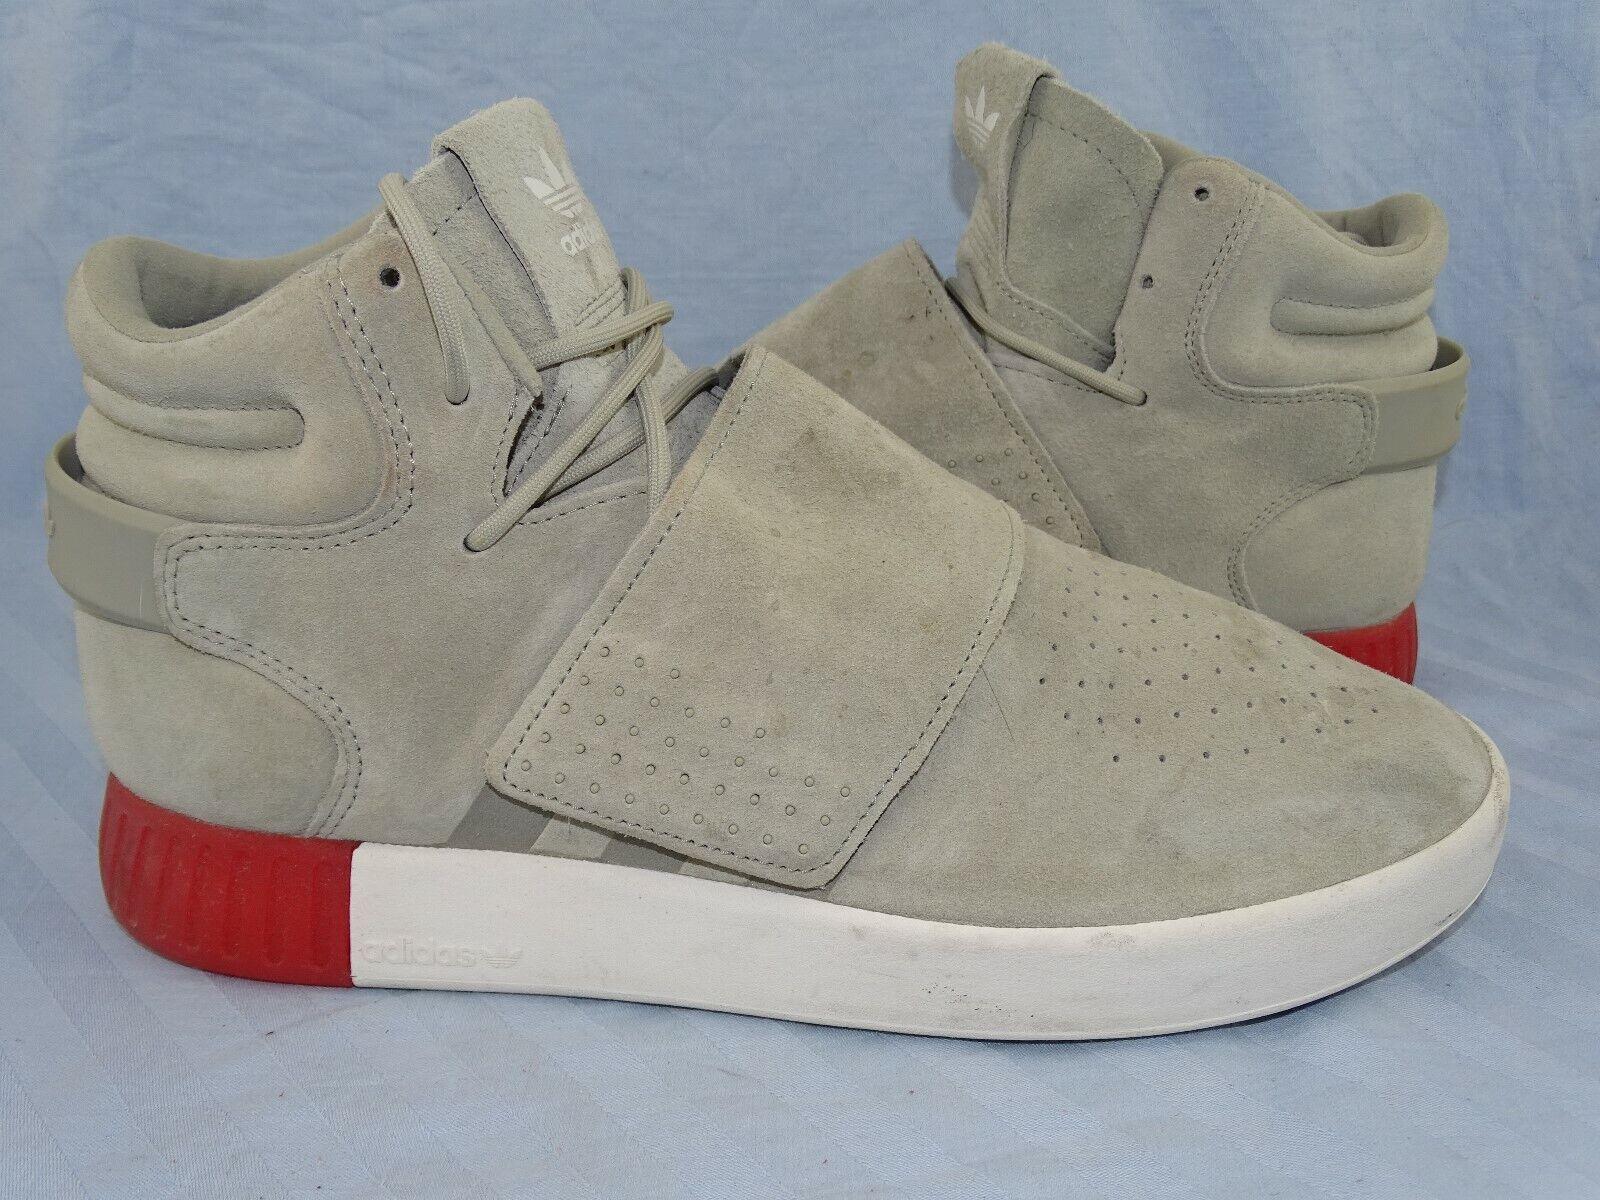 Cuidados adidas tubular Invader Strap gris rojo cortos mid Hi calzado deportivo 44